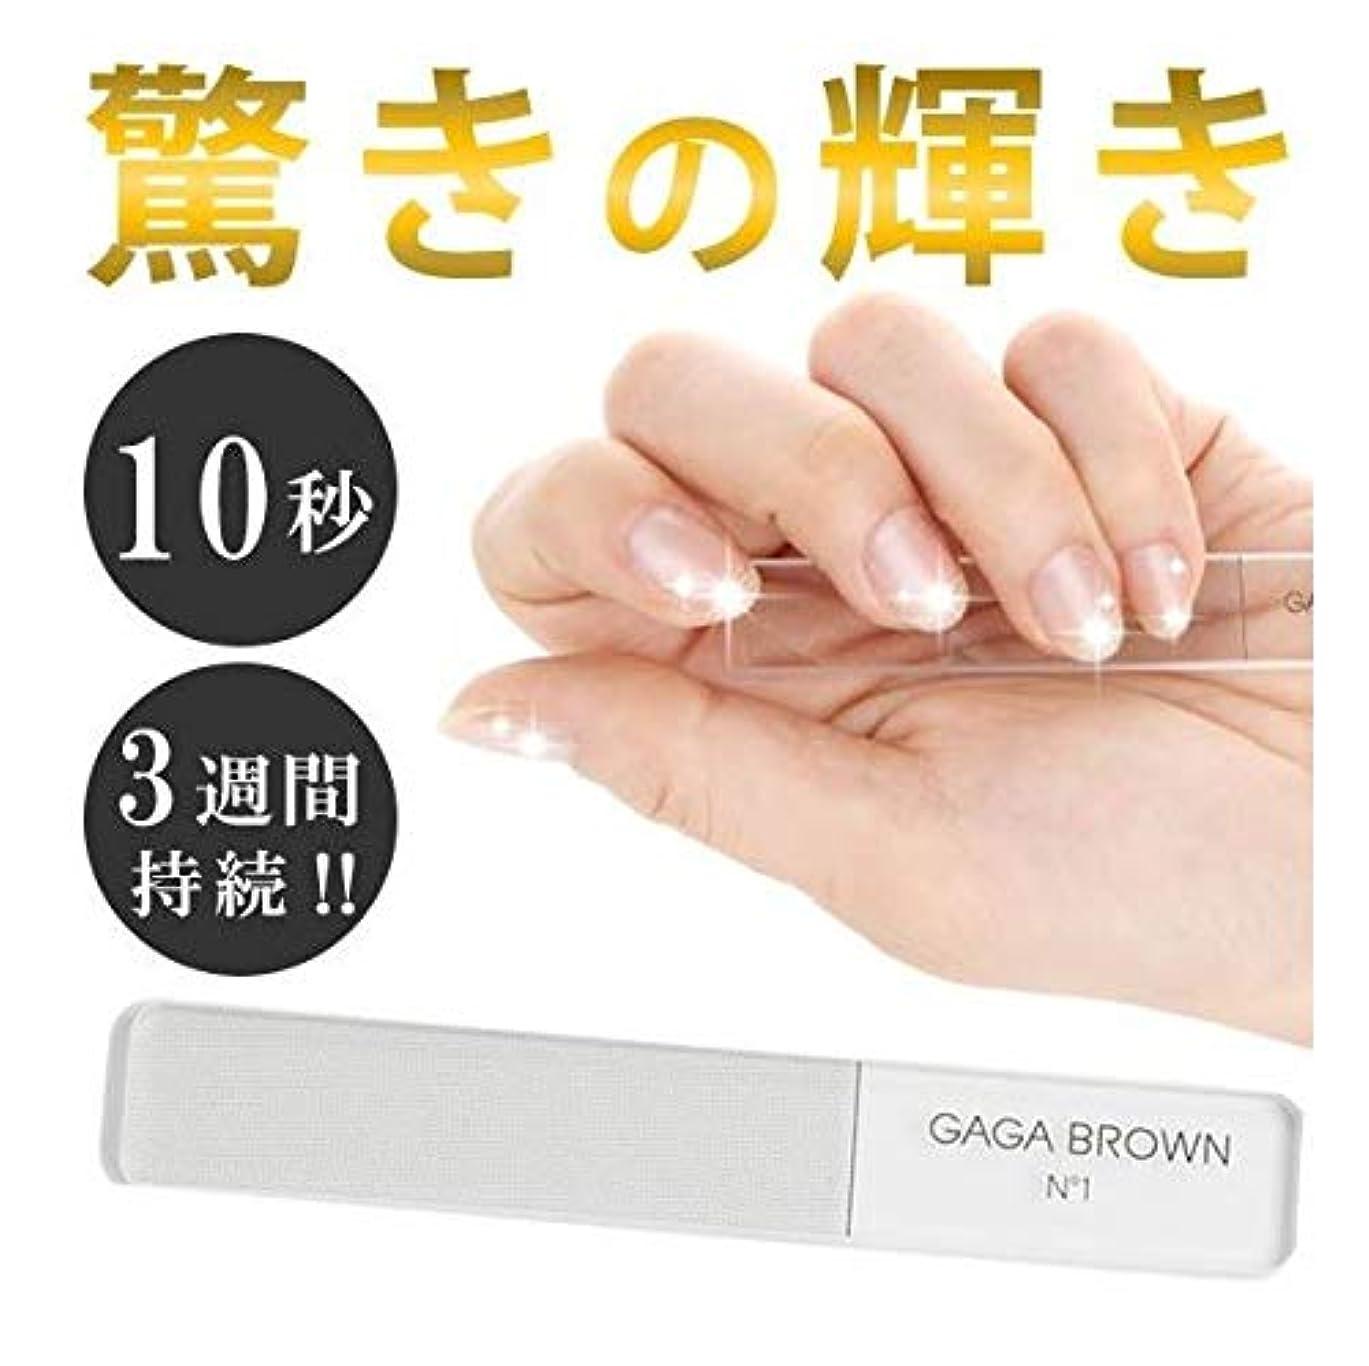 知らせる振る舞い比べるGAGABROWN N1 NAIL SHINER(ガガブラウン ネイルシャイナー) 爪磨き 爪みがき 爪やすり ガラス製 バッファー つめやすり